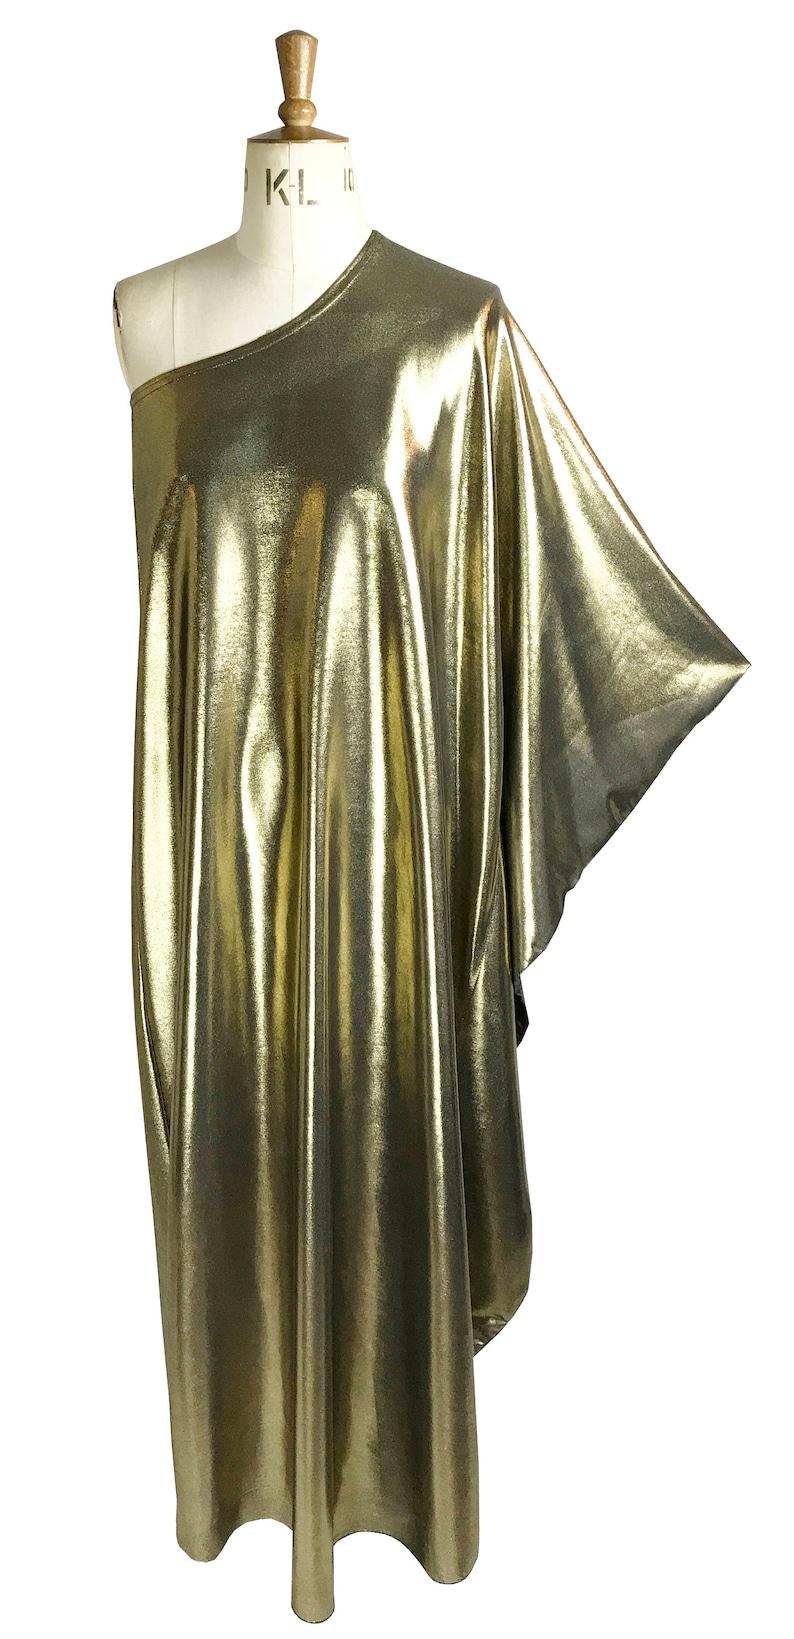 Vintage Style Dresses | Vintage Inspired Dresses Baylis & Knight GOLD STUDIO 54 MAXI Long Batwing 70s Disco Glam One Shoulder Bat Wing Dress Black Elegant (Smock) $107.56 AT vintagedancer.com